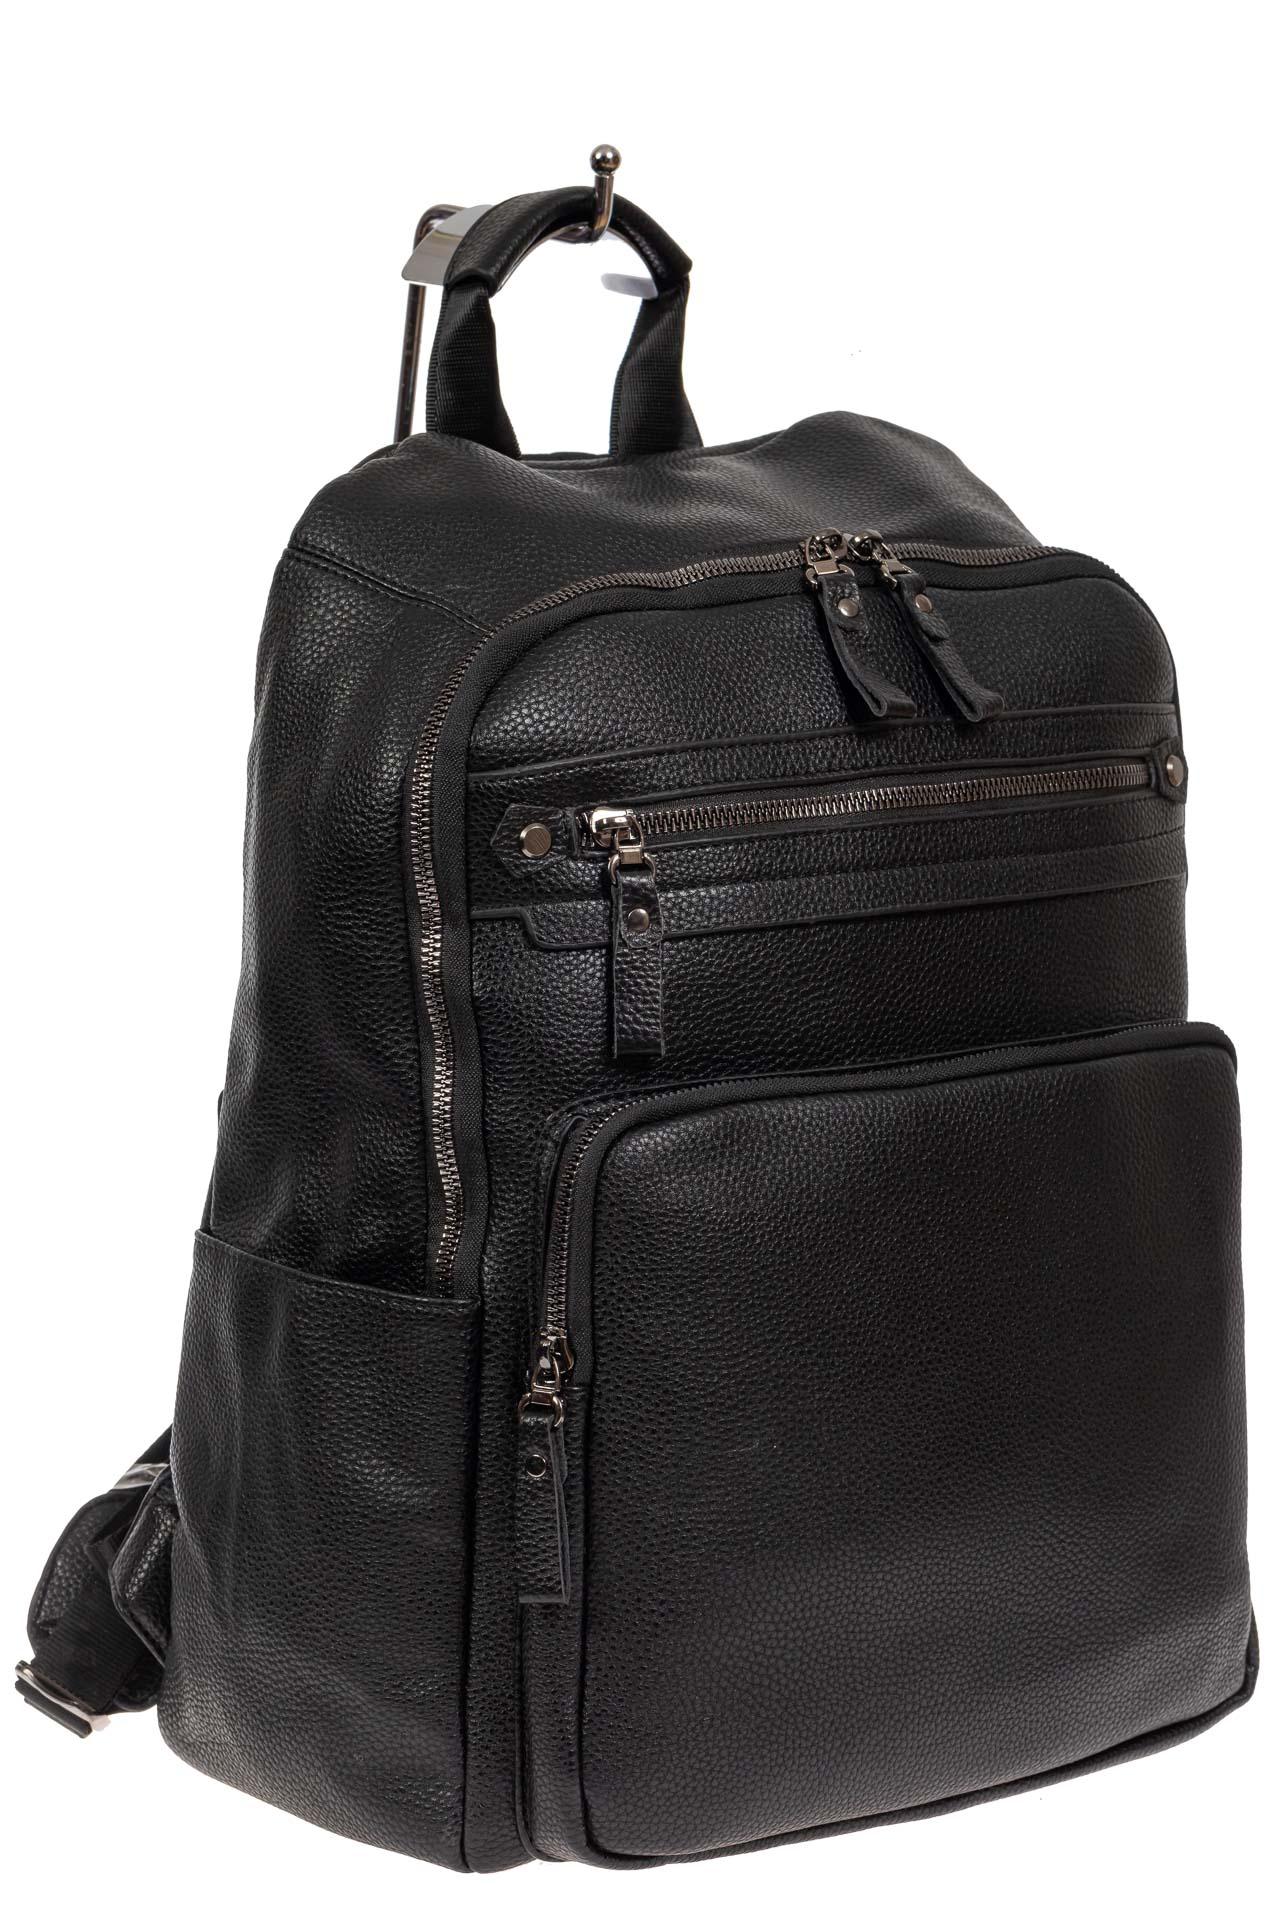 Рюкзак мужской из фактурной искусственной кожи, цвет чёрный